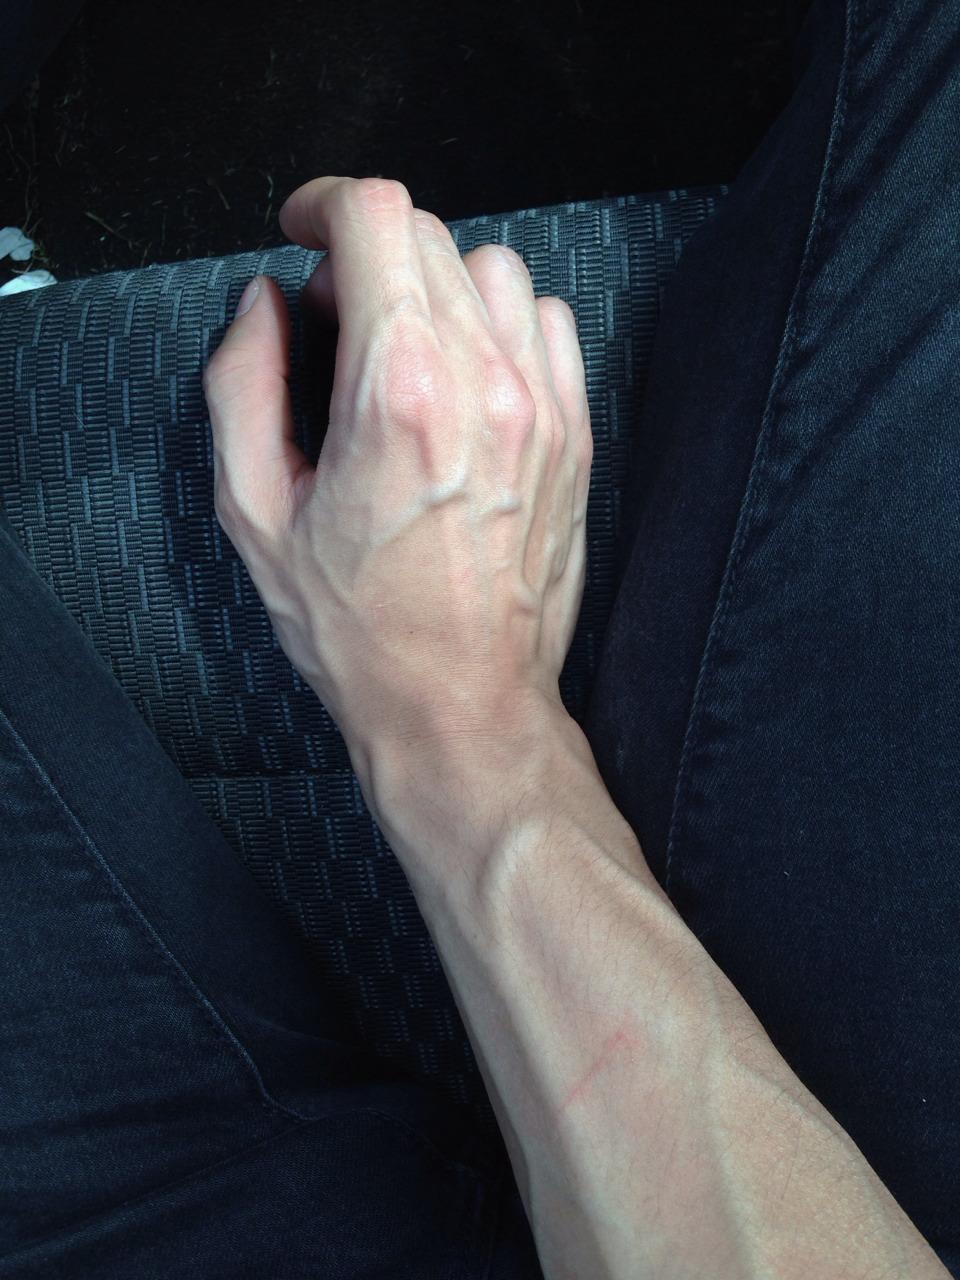 Как на фото сделать больше руку